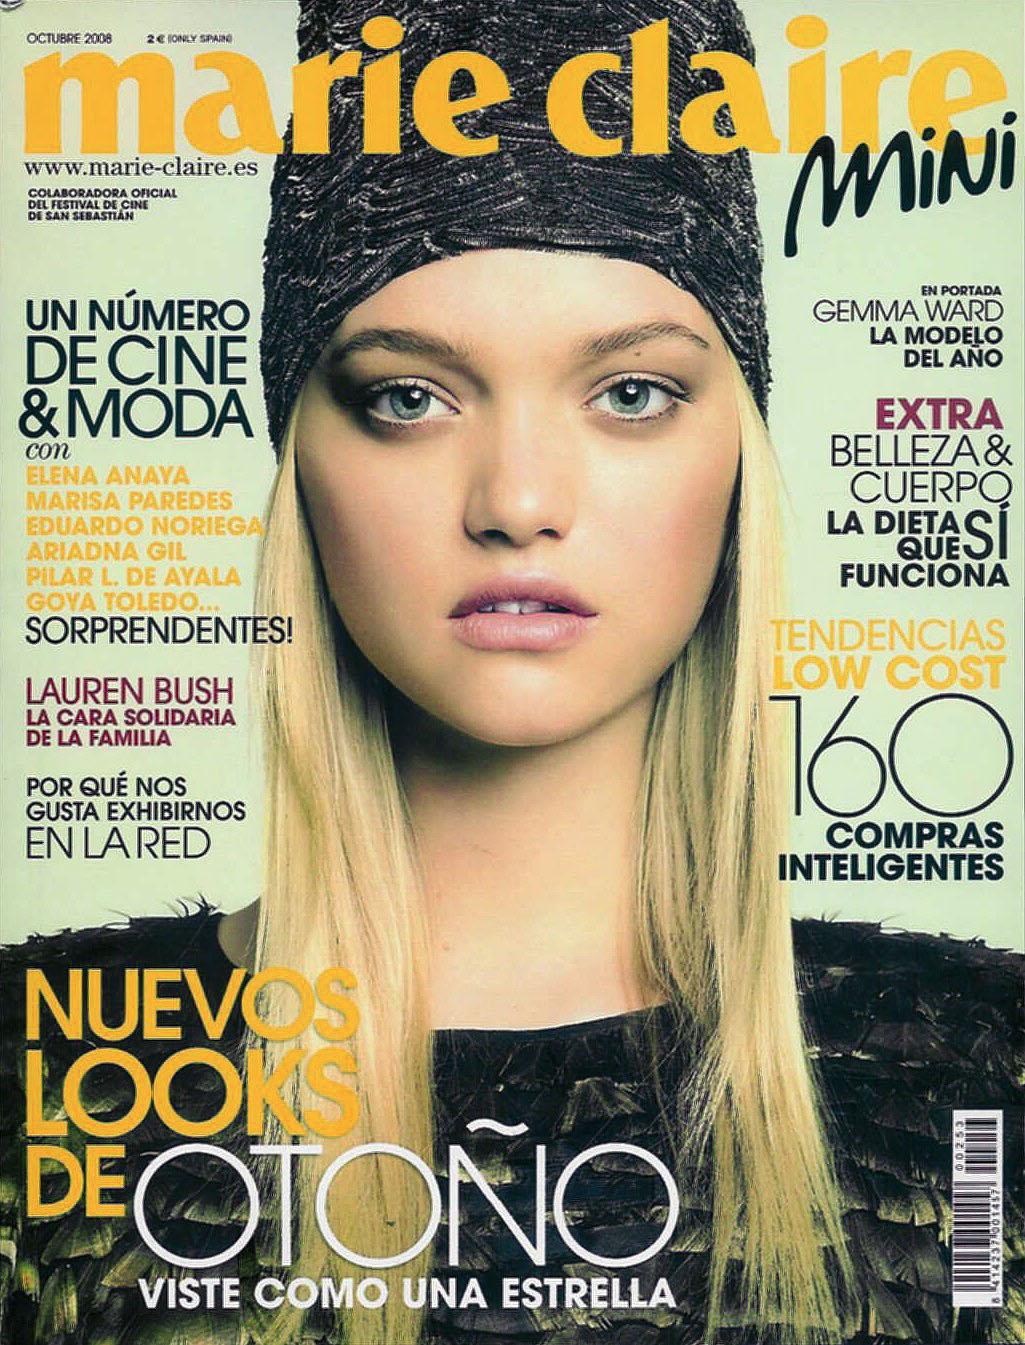 http://2.bp.blogspot.com/-OZyz34gvC_k/TdEo1ShQKPI/AAAAAAAAOko/oDVnRy3U7Ak/s1600/Marie+Claire+-+October+2008+%252810-2008%2529+Spain.jpg